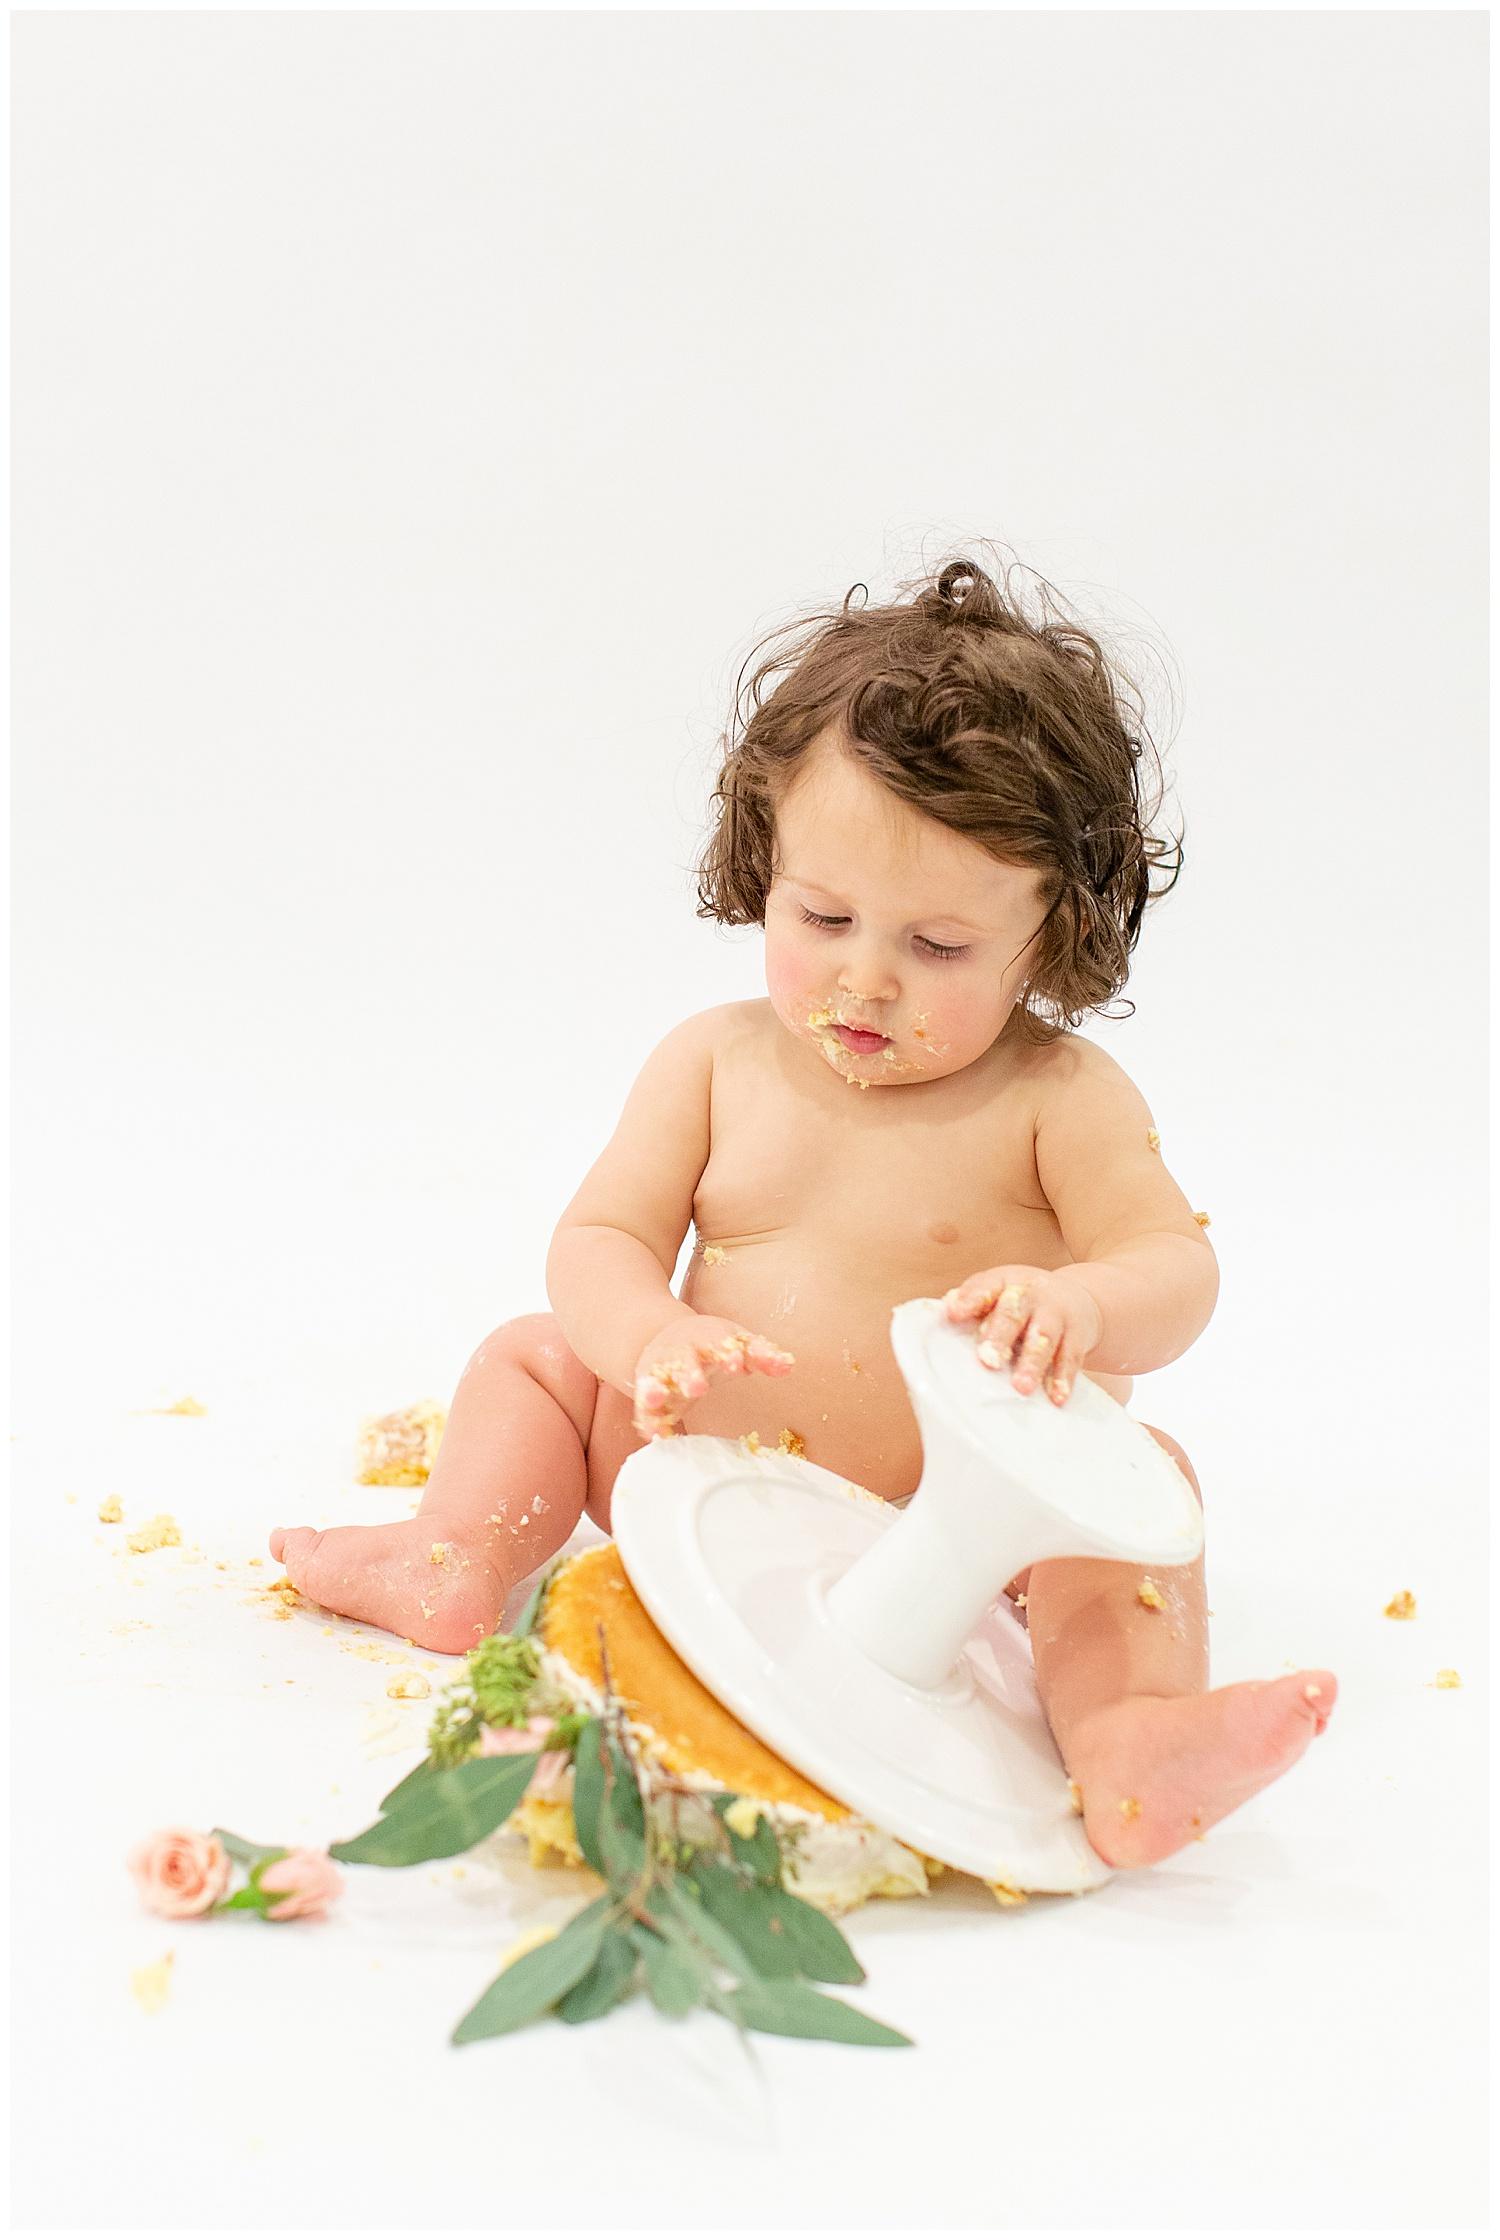 emily-belson-photography-washington-dc-baby-cake-smash-23.jpg